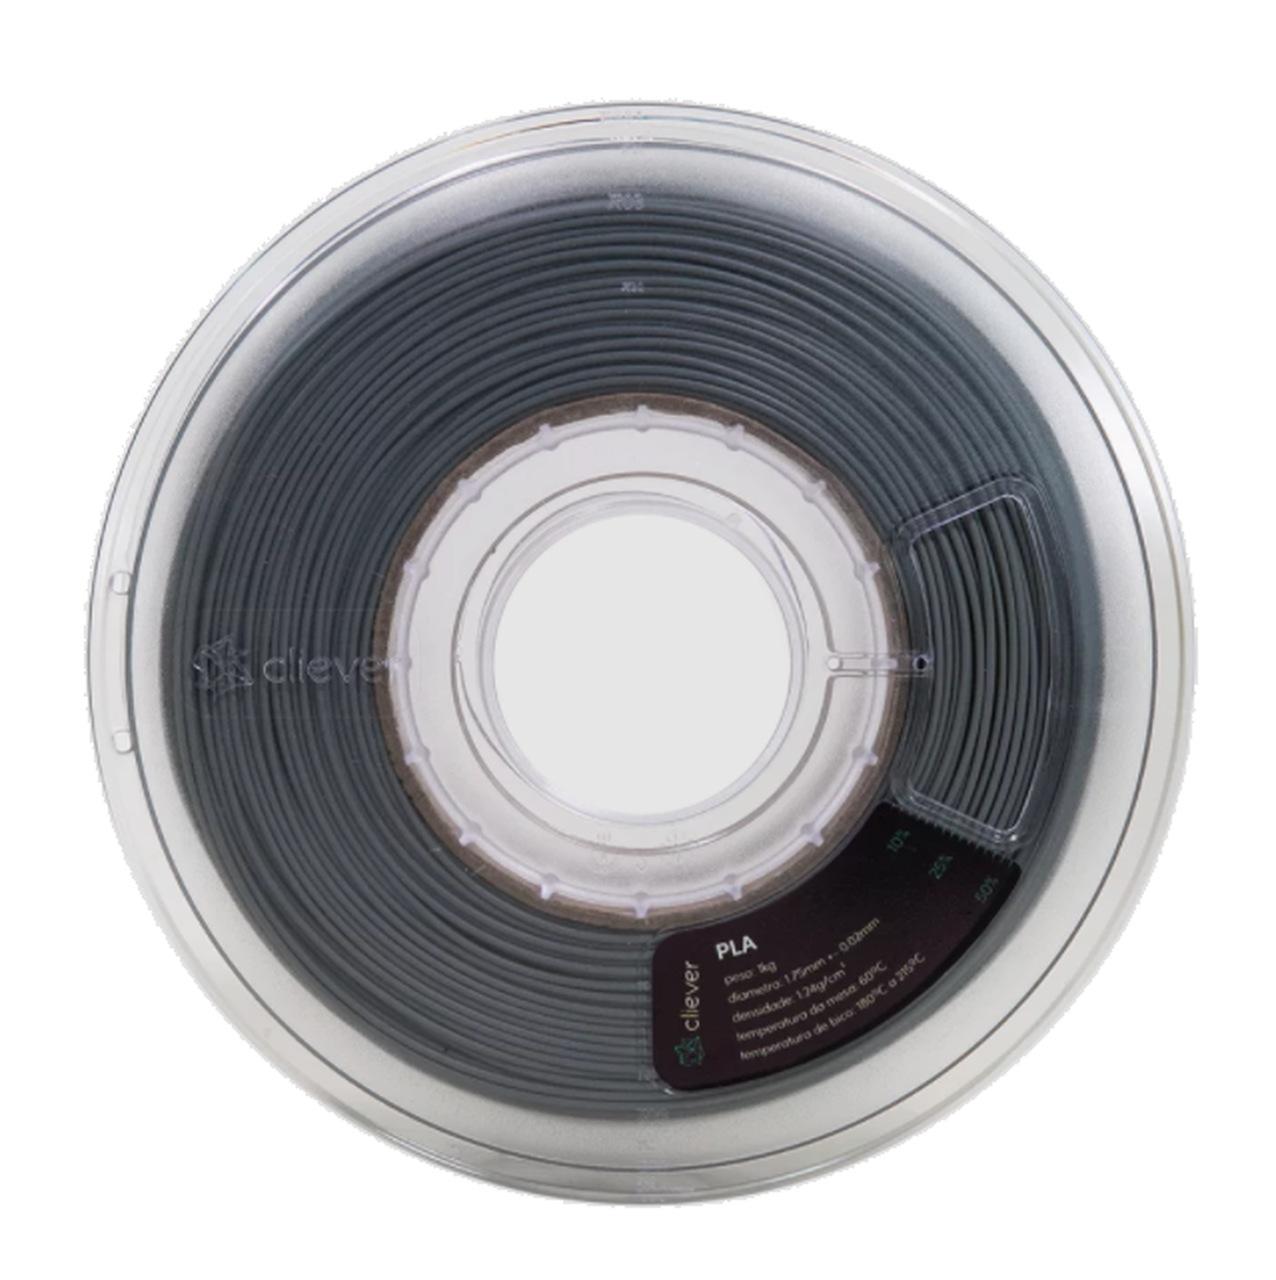 Filamento PLA - Cinza - Cliever - 1.75mm - 1kg